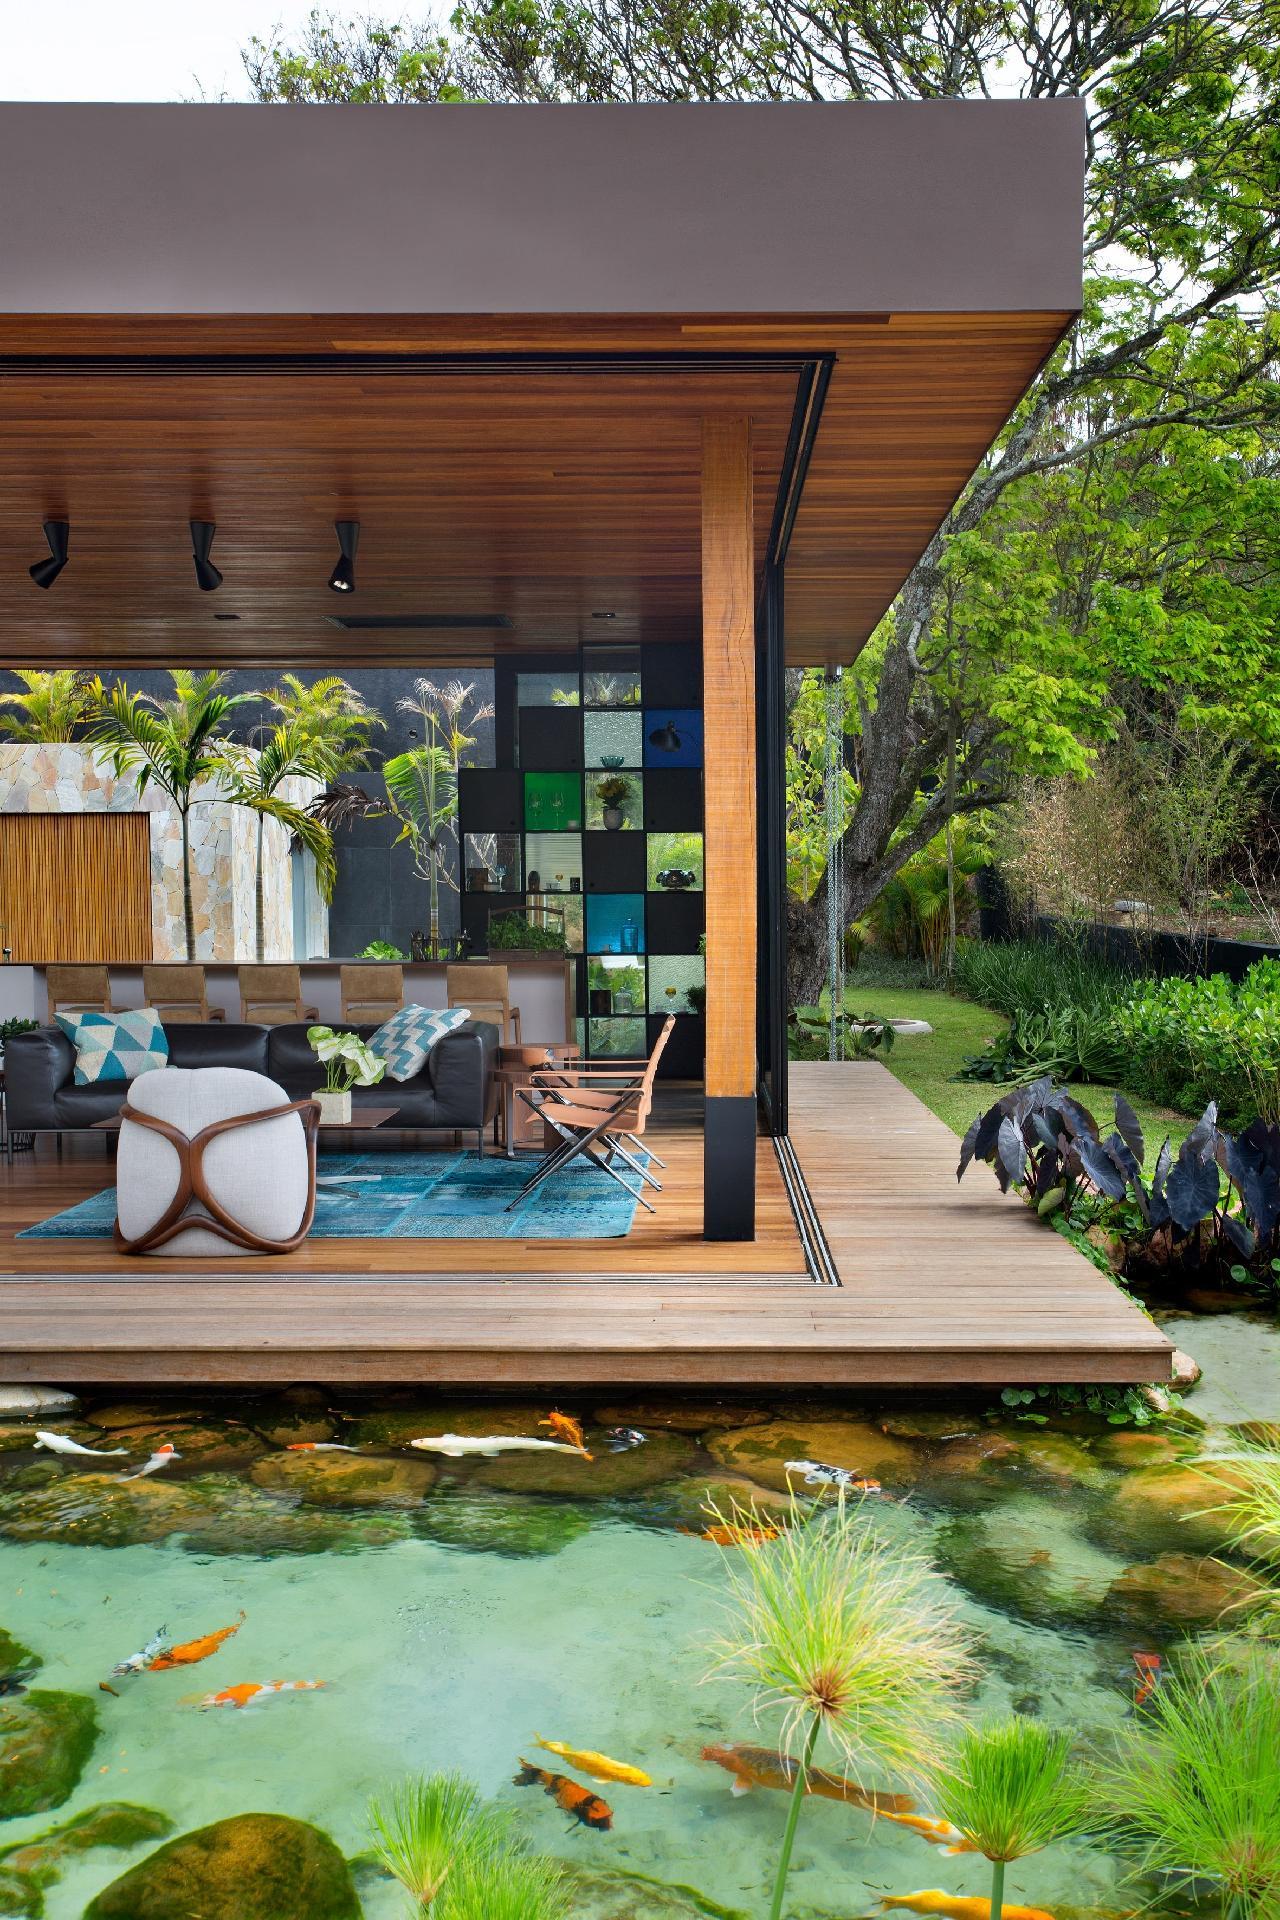 A casa de campo assinada pelo arquiteto Otto Felix tem arquitetura contemporânea e é toda aberta para o jardim. As salas se integram ao lago (Genesis Ecossistemas) que, na verdade, é uma piscina biológica. Neste tanque é possível nadar com as carpas